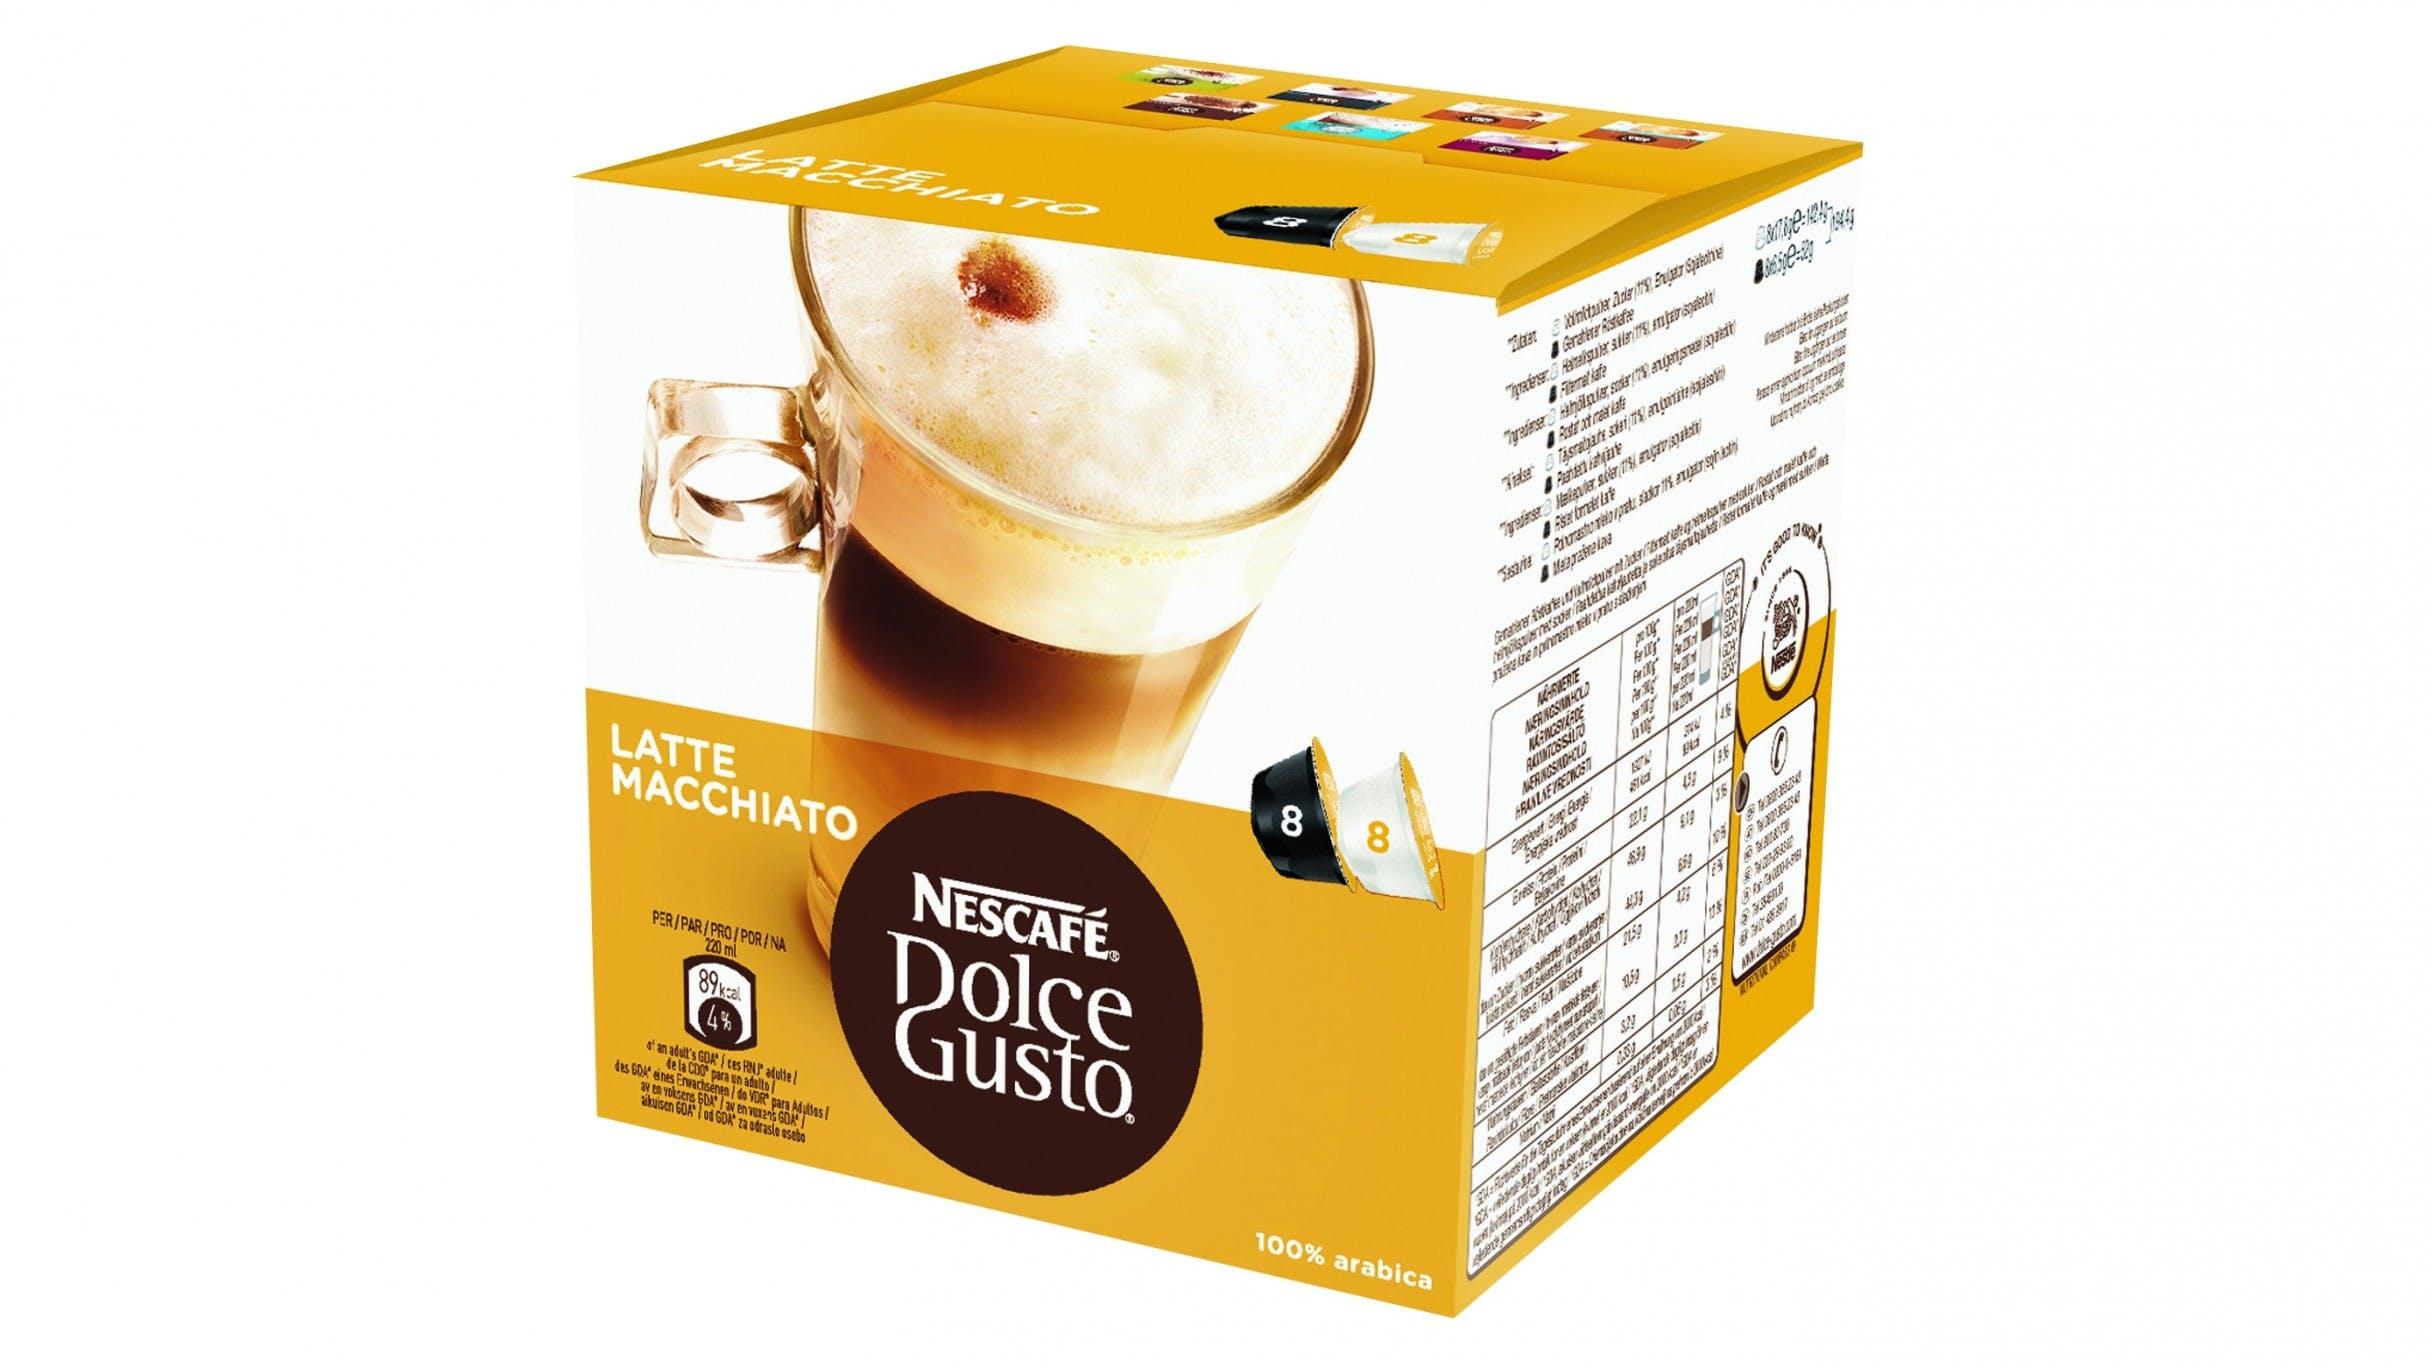 Nescafe dolce gusto latte macchiato coffee capsule - Porte capsules dolce gusto ...